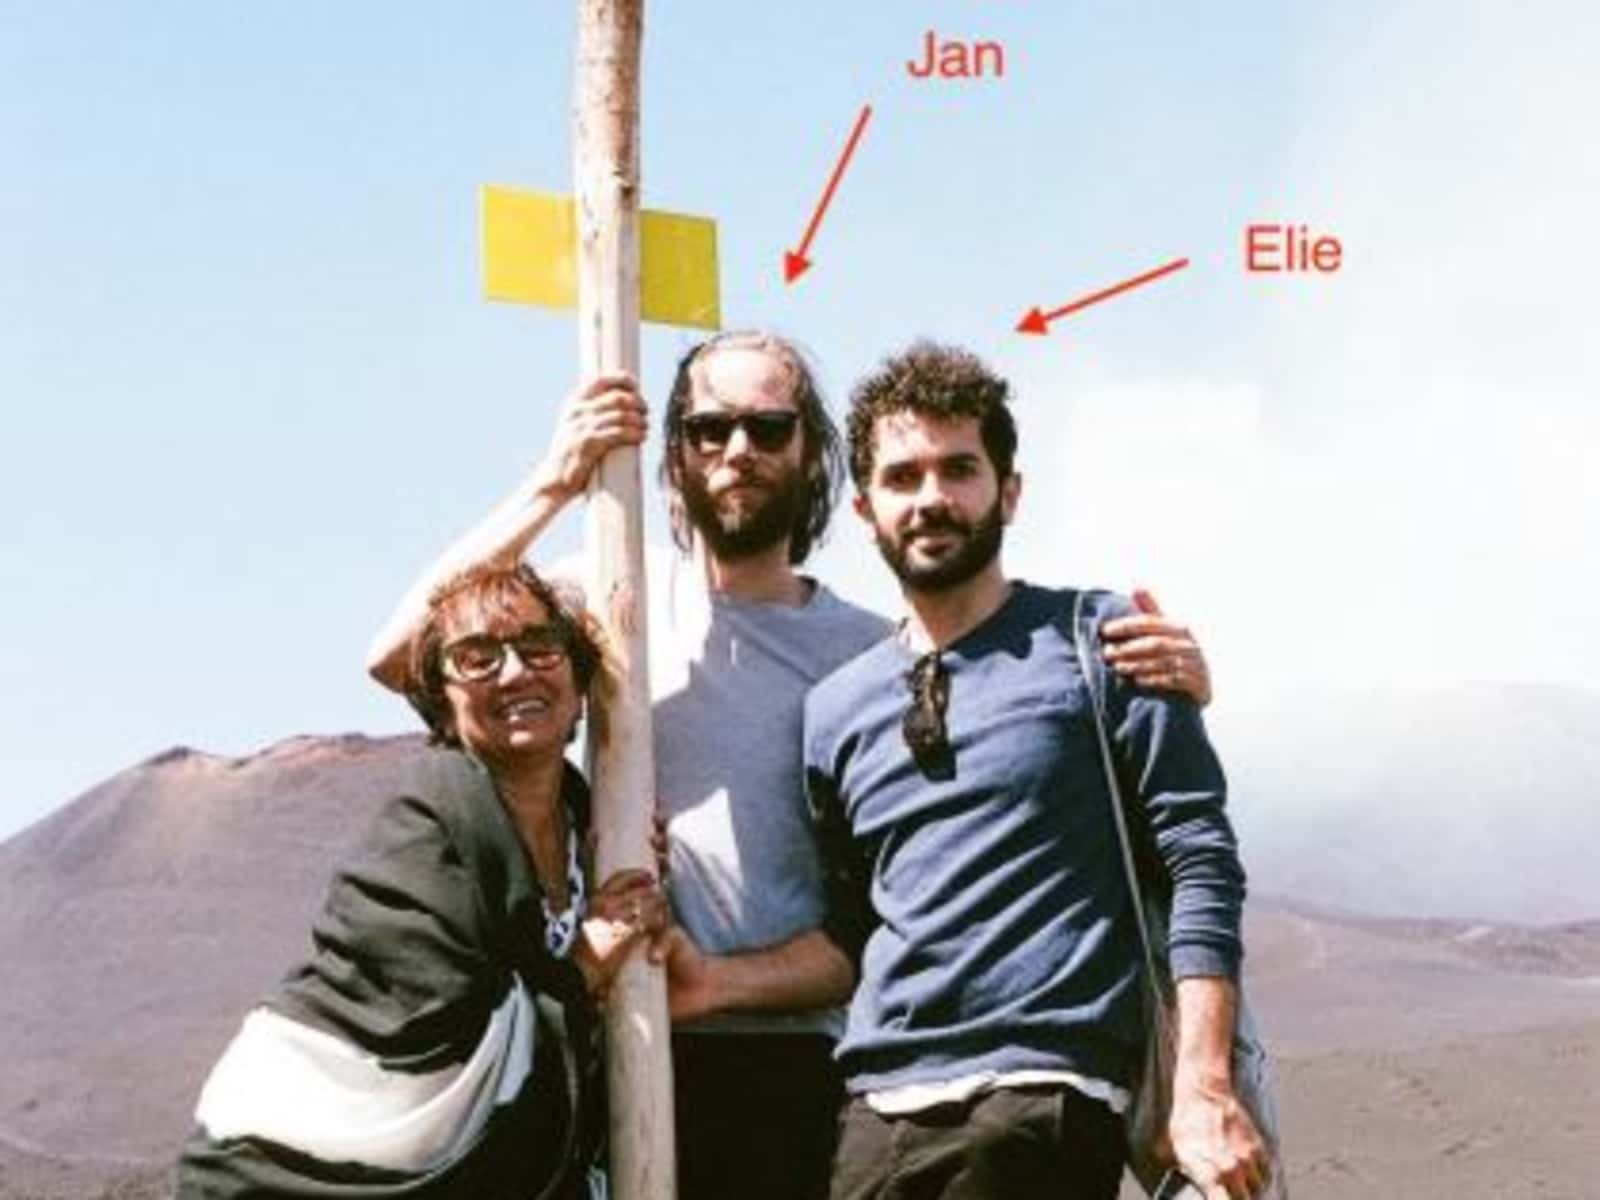 Jan & Elie from Brussels, Belgium